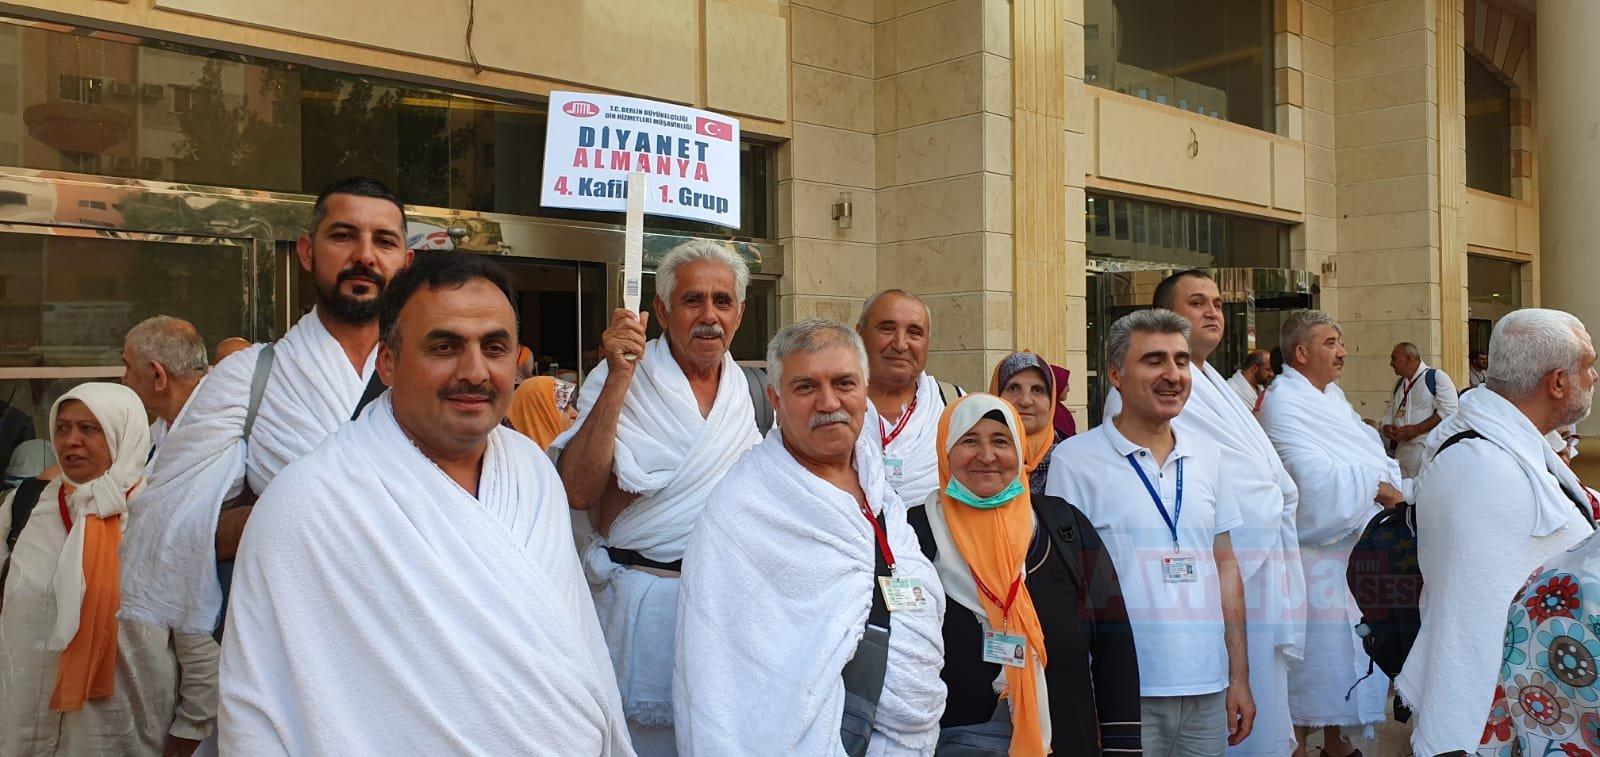 Avrupa hacı adaylarının Arafat'a intikalleri tamamlandı